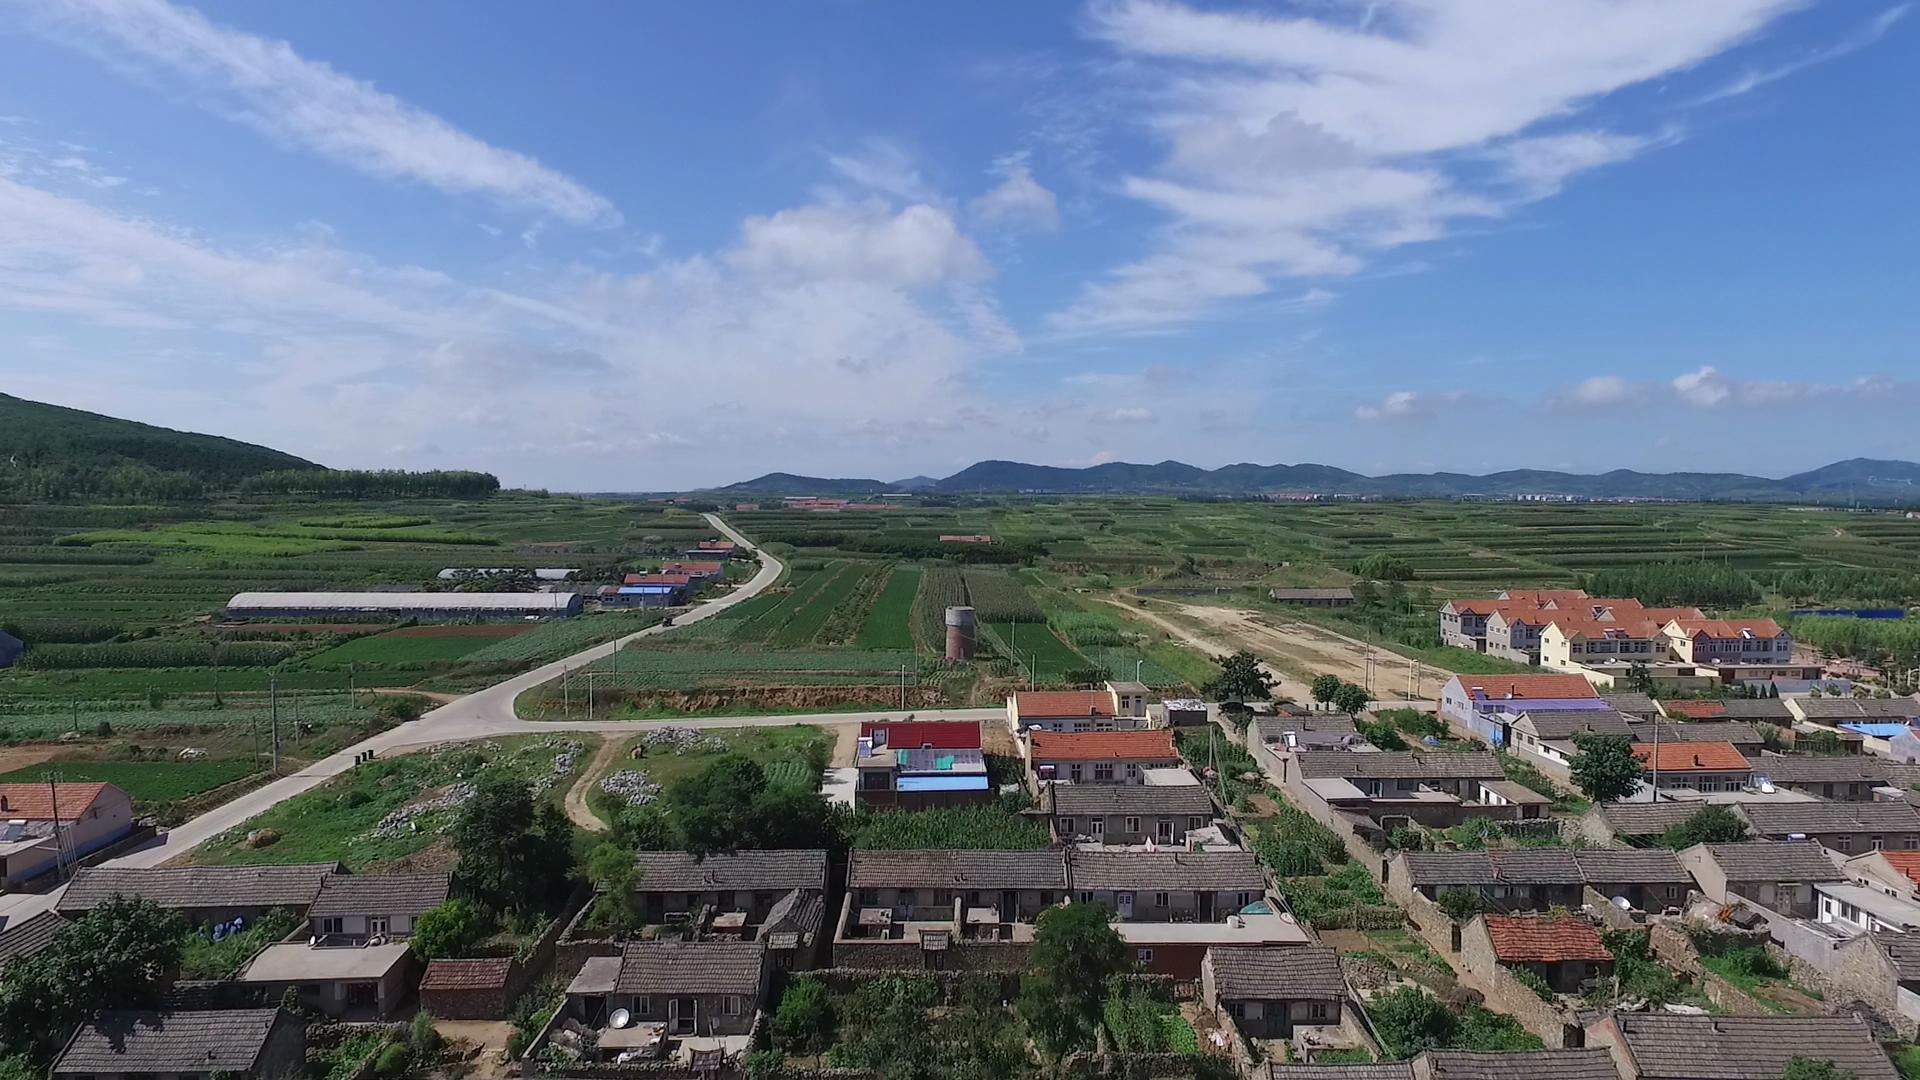 飞越青岛·瞰乡村②:穿越时空的即墨东崔戈庄村